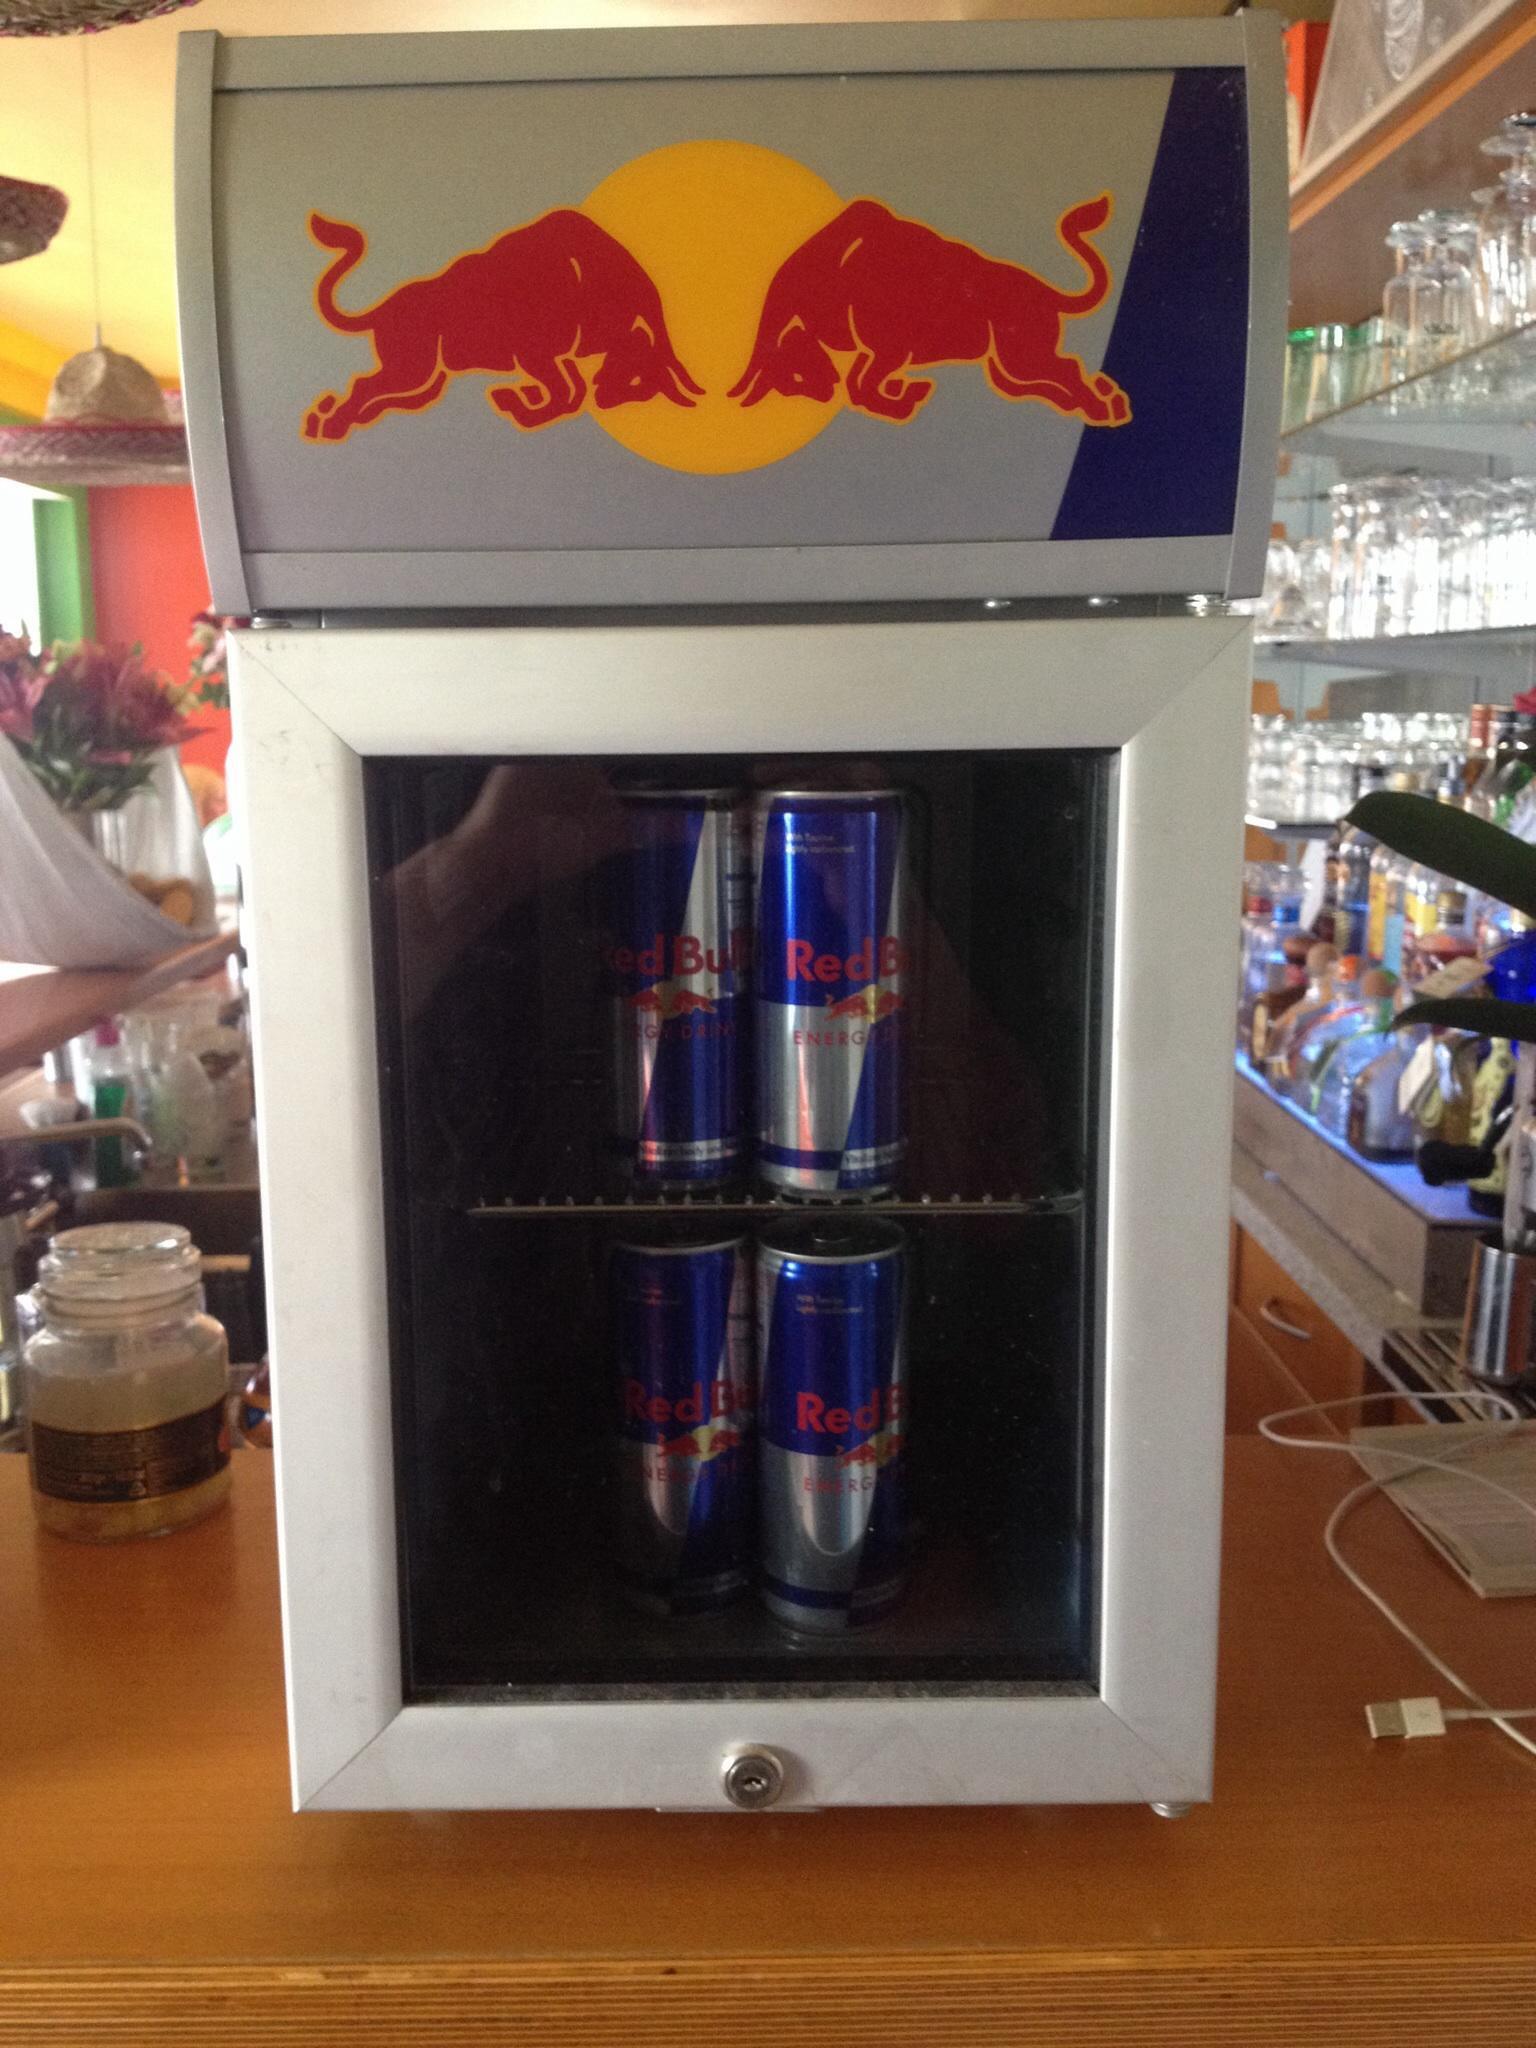 Red Bull Kühlschrank Gebraucht Kaufen : Gebraucht redbull mini kühlschrank in waldmohr um u ac